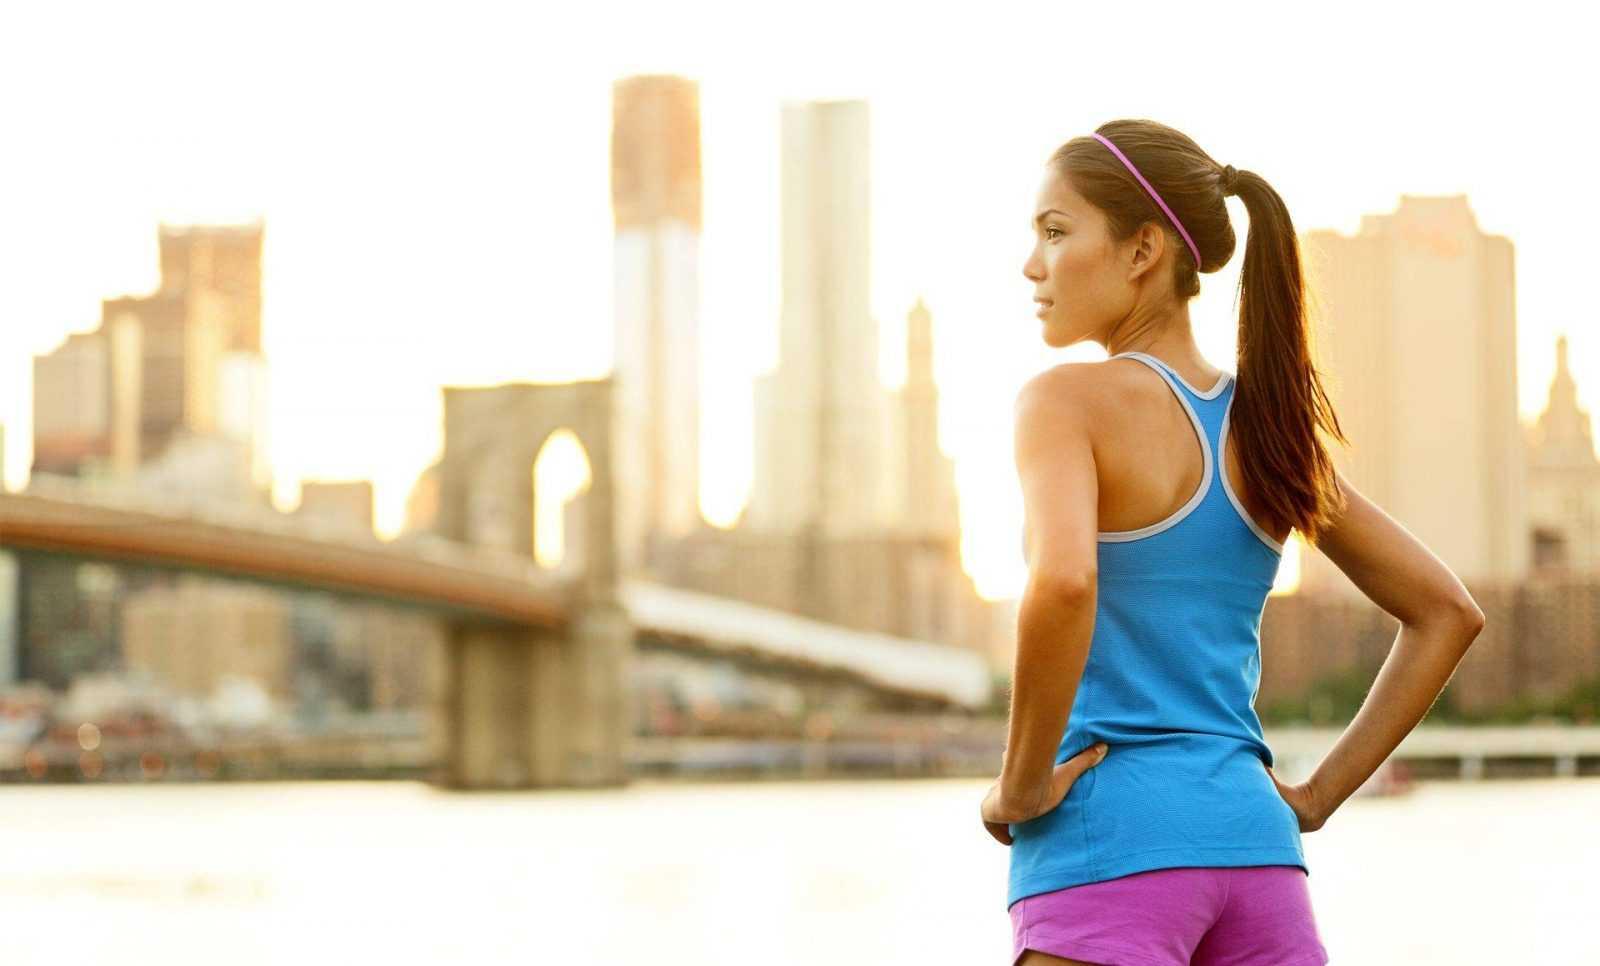 I migliori Top 10: I migliori Fitness tracker